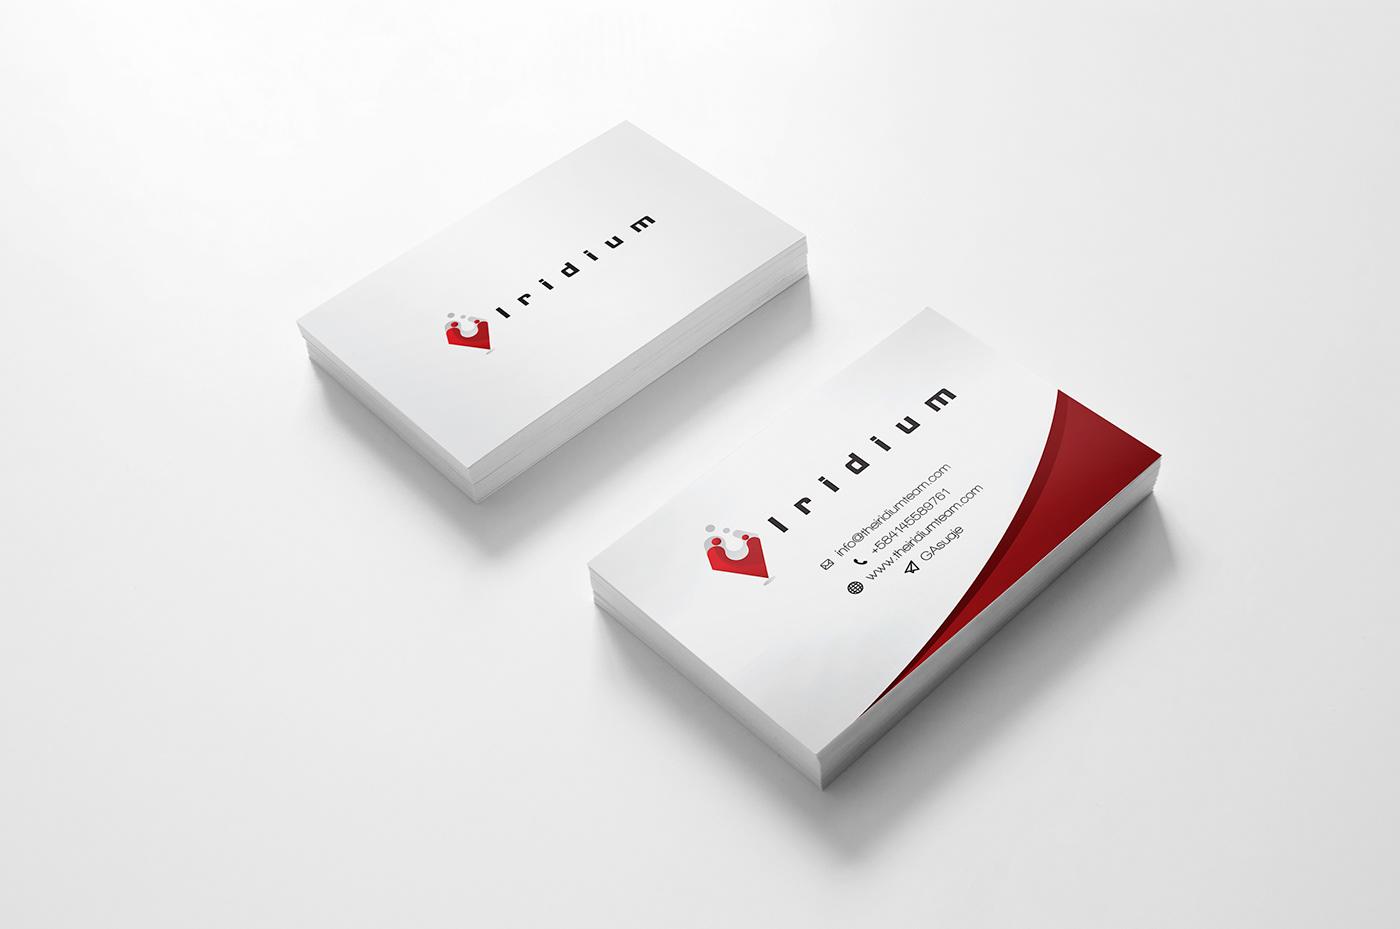 Papeleria paper pop design graphic design